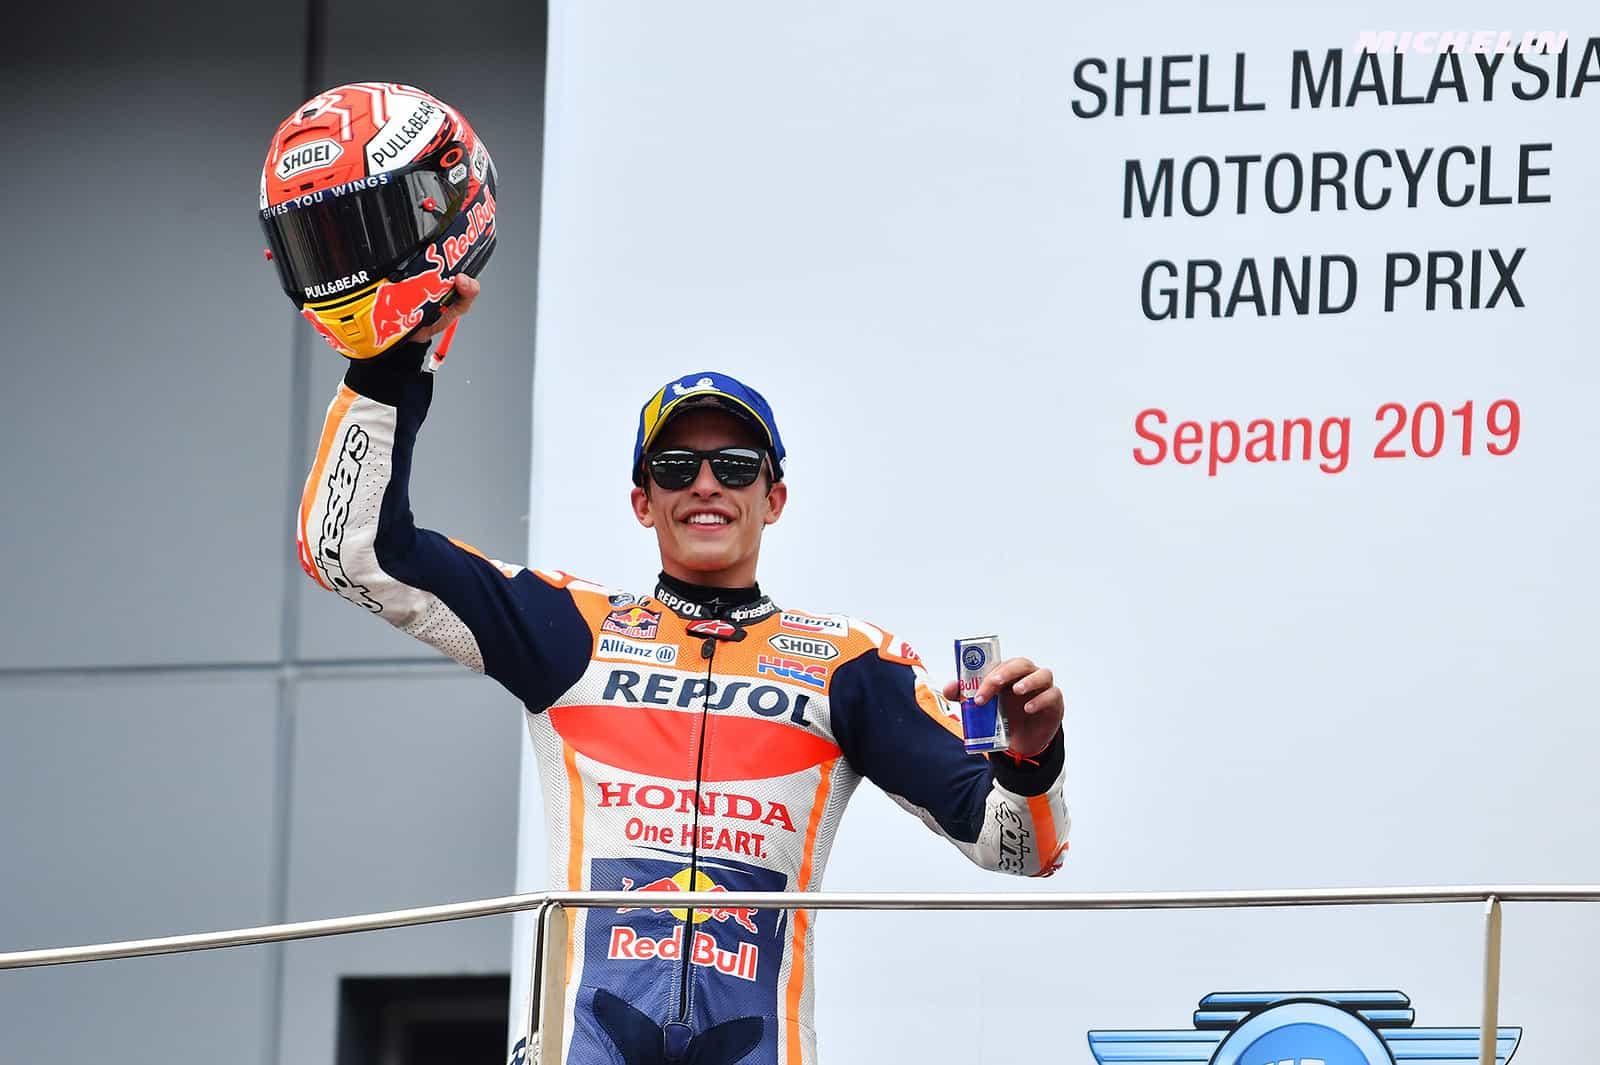 MotoGP2019マレーシアGP 2位マルケス「なんとしても表彰台を獲得したかった」